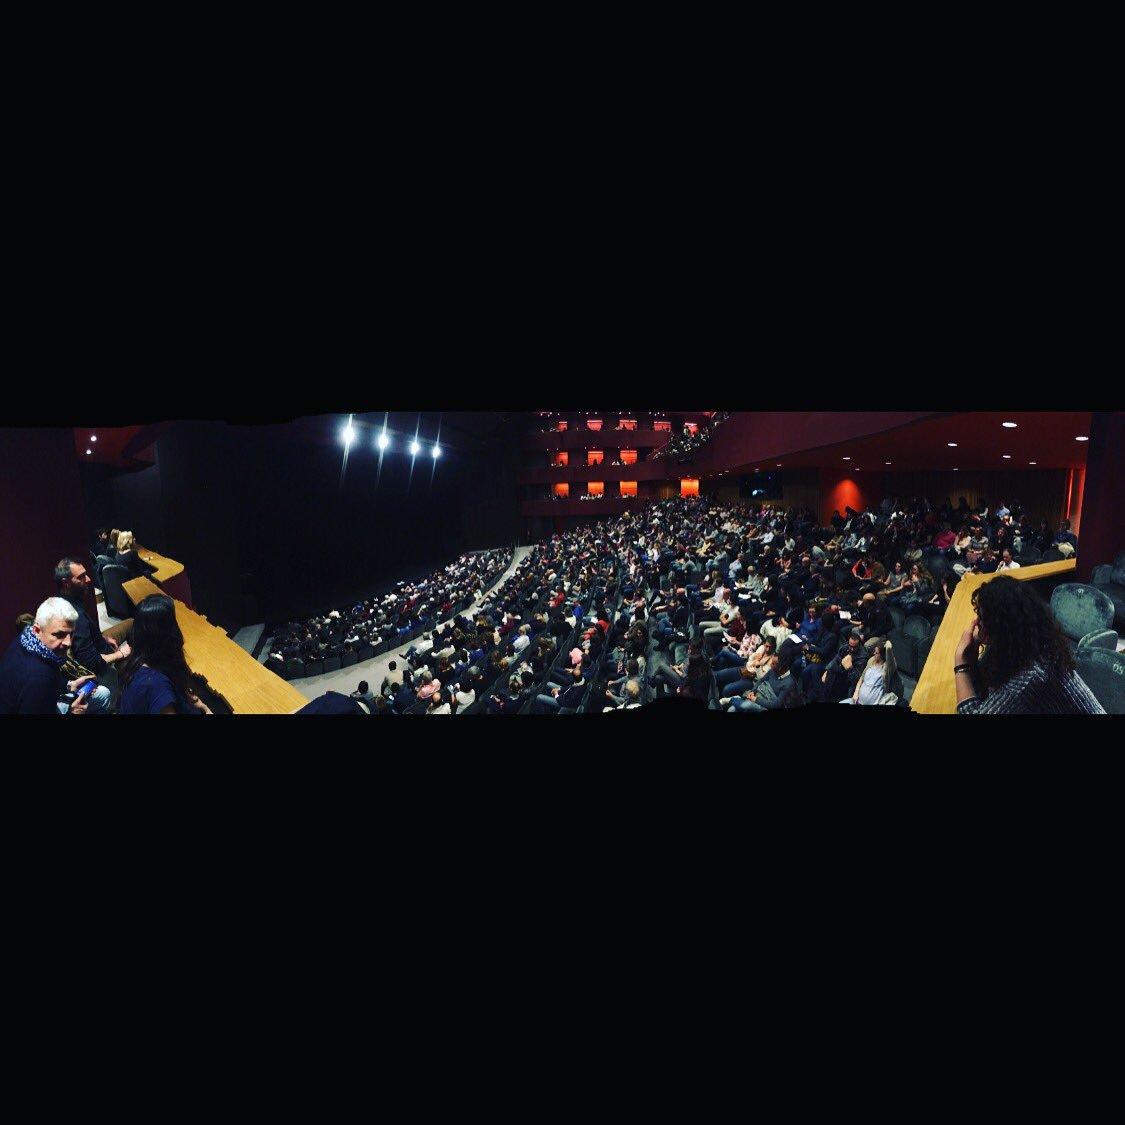 [#Panoramic]  Ce soir, RDV avec @ManuPayetOff dans la magnifique salle #Anthéa à #Antibes !  On est bien !  #Spectacle #Humour #Humoriste https://t.co/QB45TmkEzz